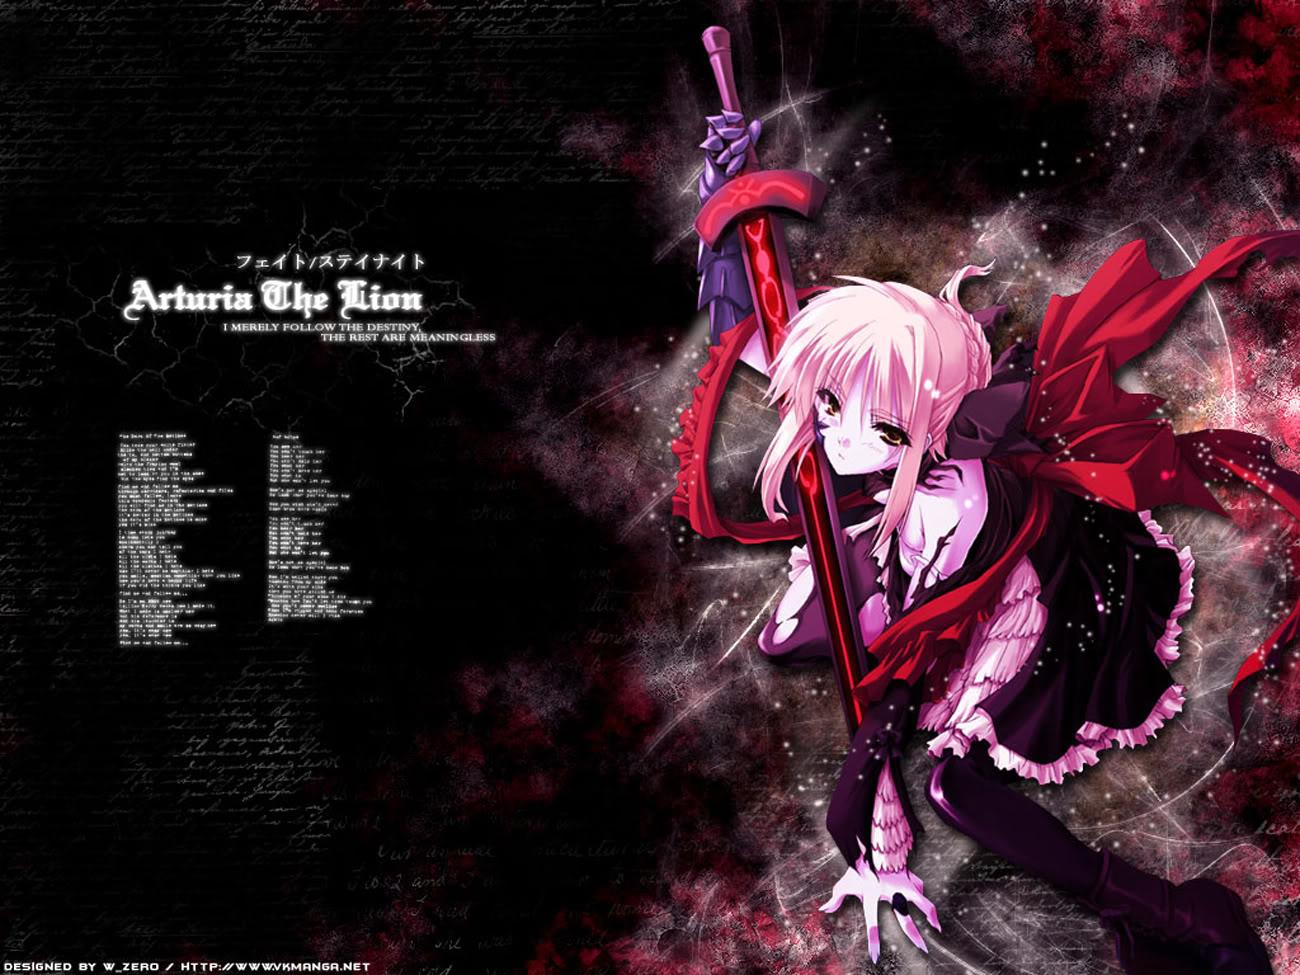 Fate Stay Night Knight Saber Alter Wallpaper Resolution 1300x975 Id 162662 Wallha Com